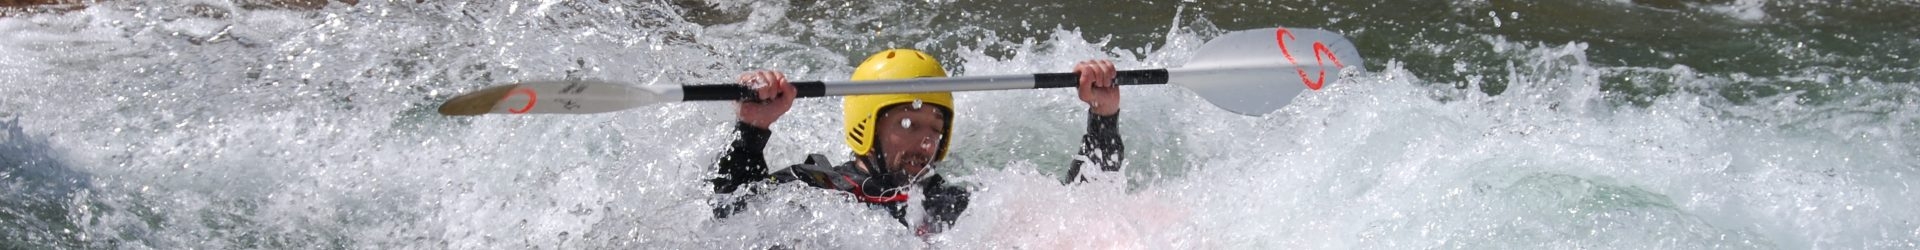 Jeune Kayak Parisien